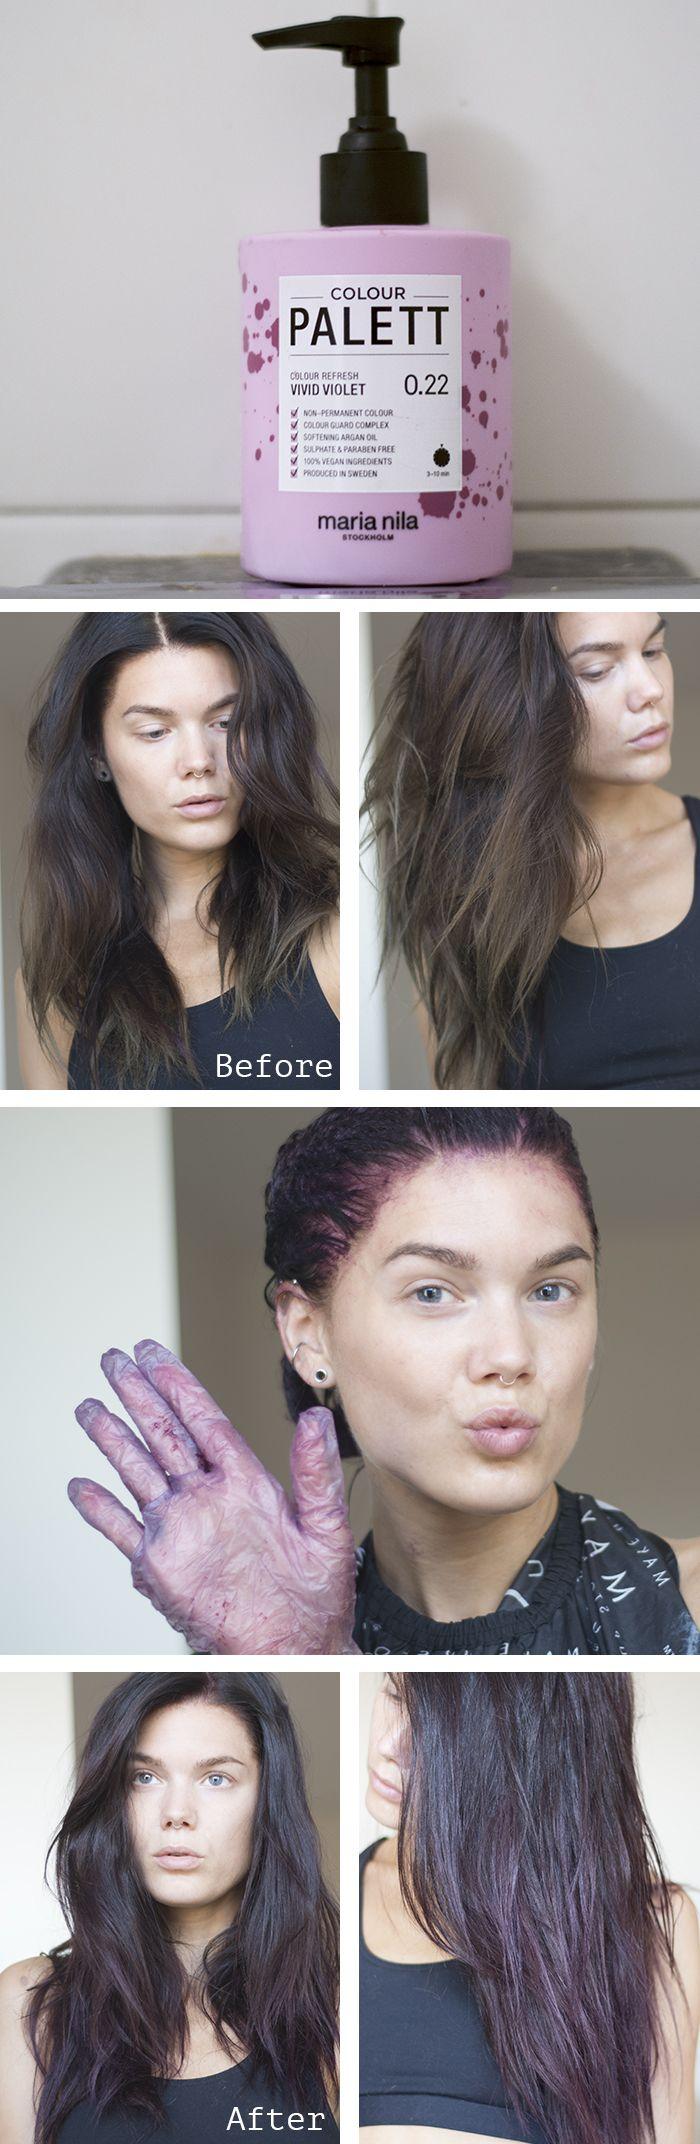 Projekt lila hår, version 2.0